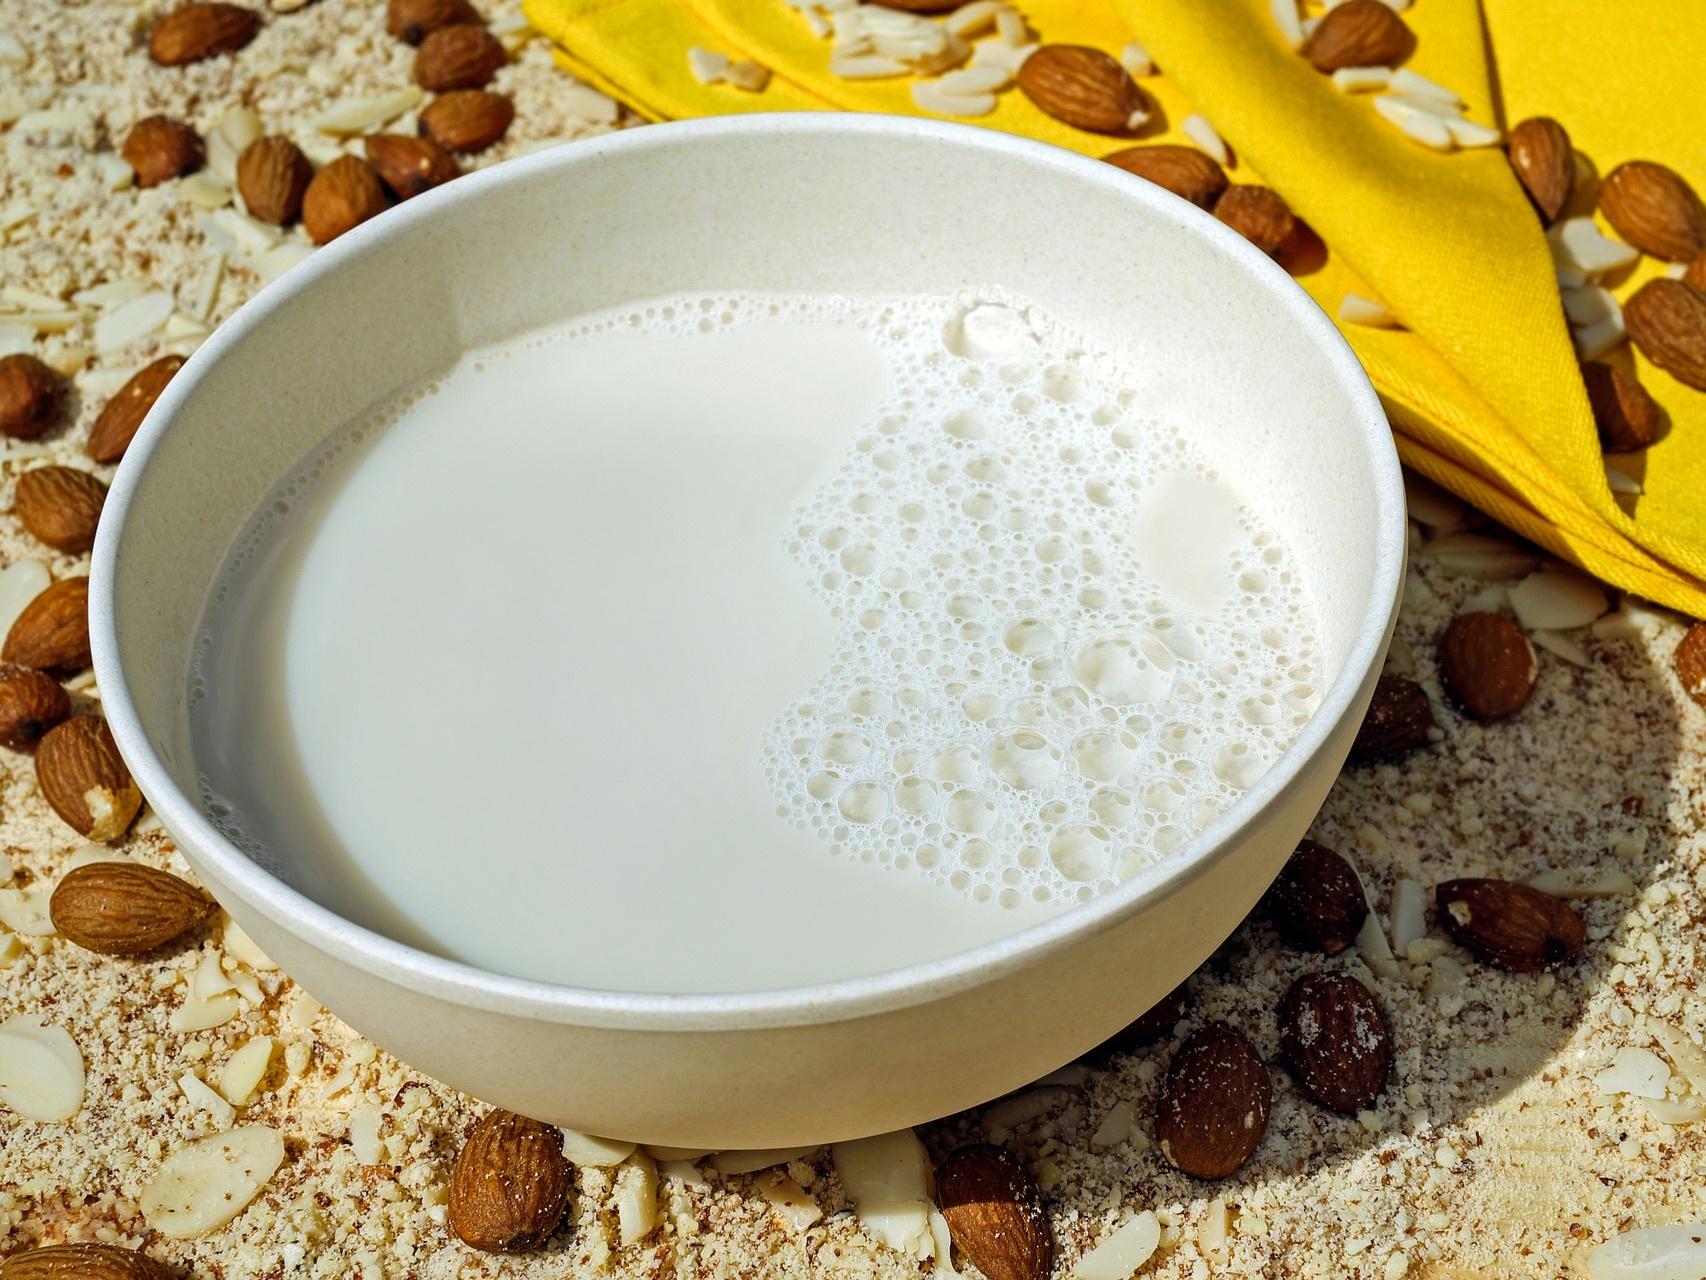 Merveilleux lait à la noix - Les fruits oléagineux sont excellents pour la santé ! Ils sont riches en minéraux et lipides de bonne qualité : plein de choses qui ont tendance à manquer dans l'alimentation moderne.Les boissons (ou laits) végétales du commerce ne sont pas toujours satisfaisants d'un point de vue gustatif et nutritionnel (les fabricants y ajoutent souvent du sucre et de l'huile de tournesol, trop riche en oméga 6).